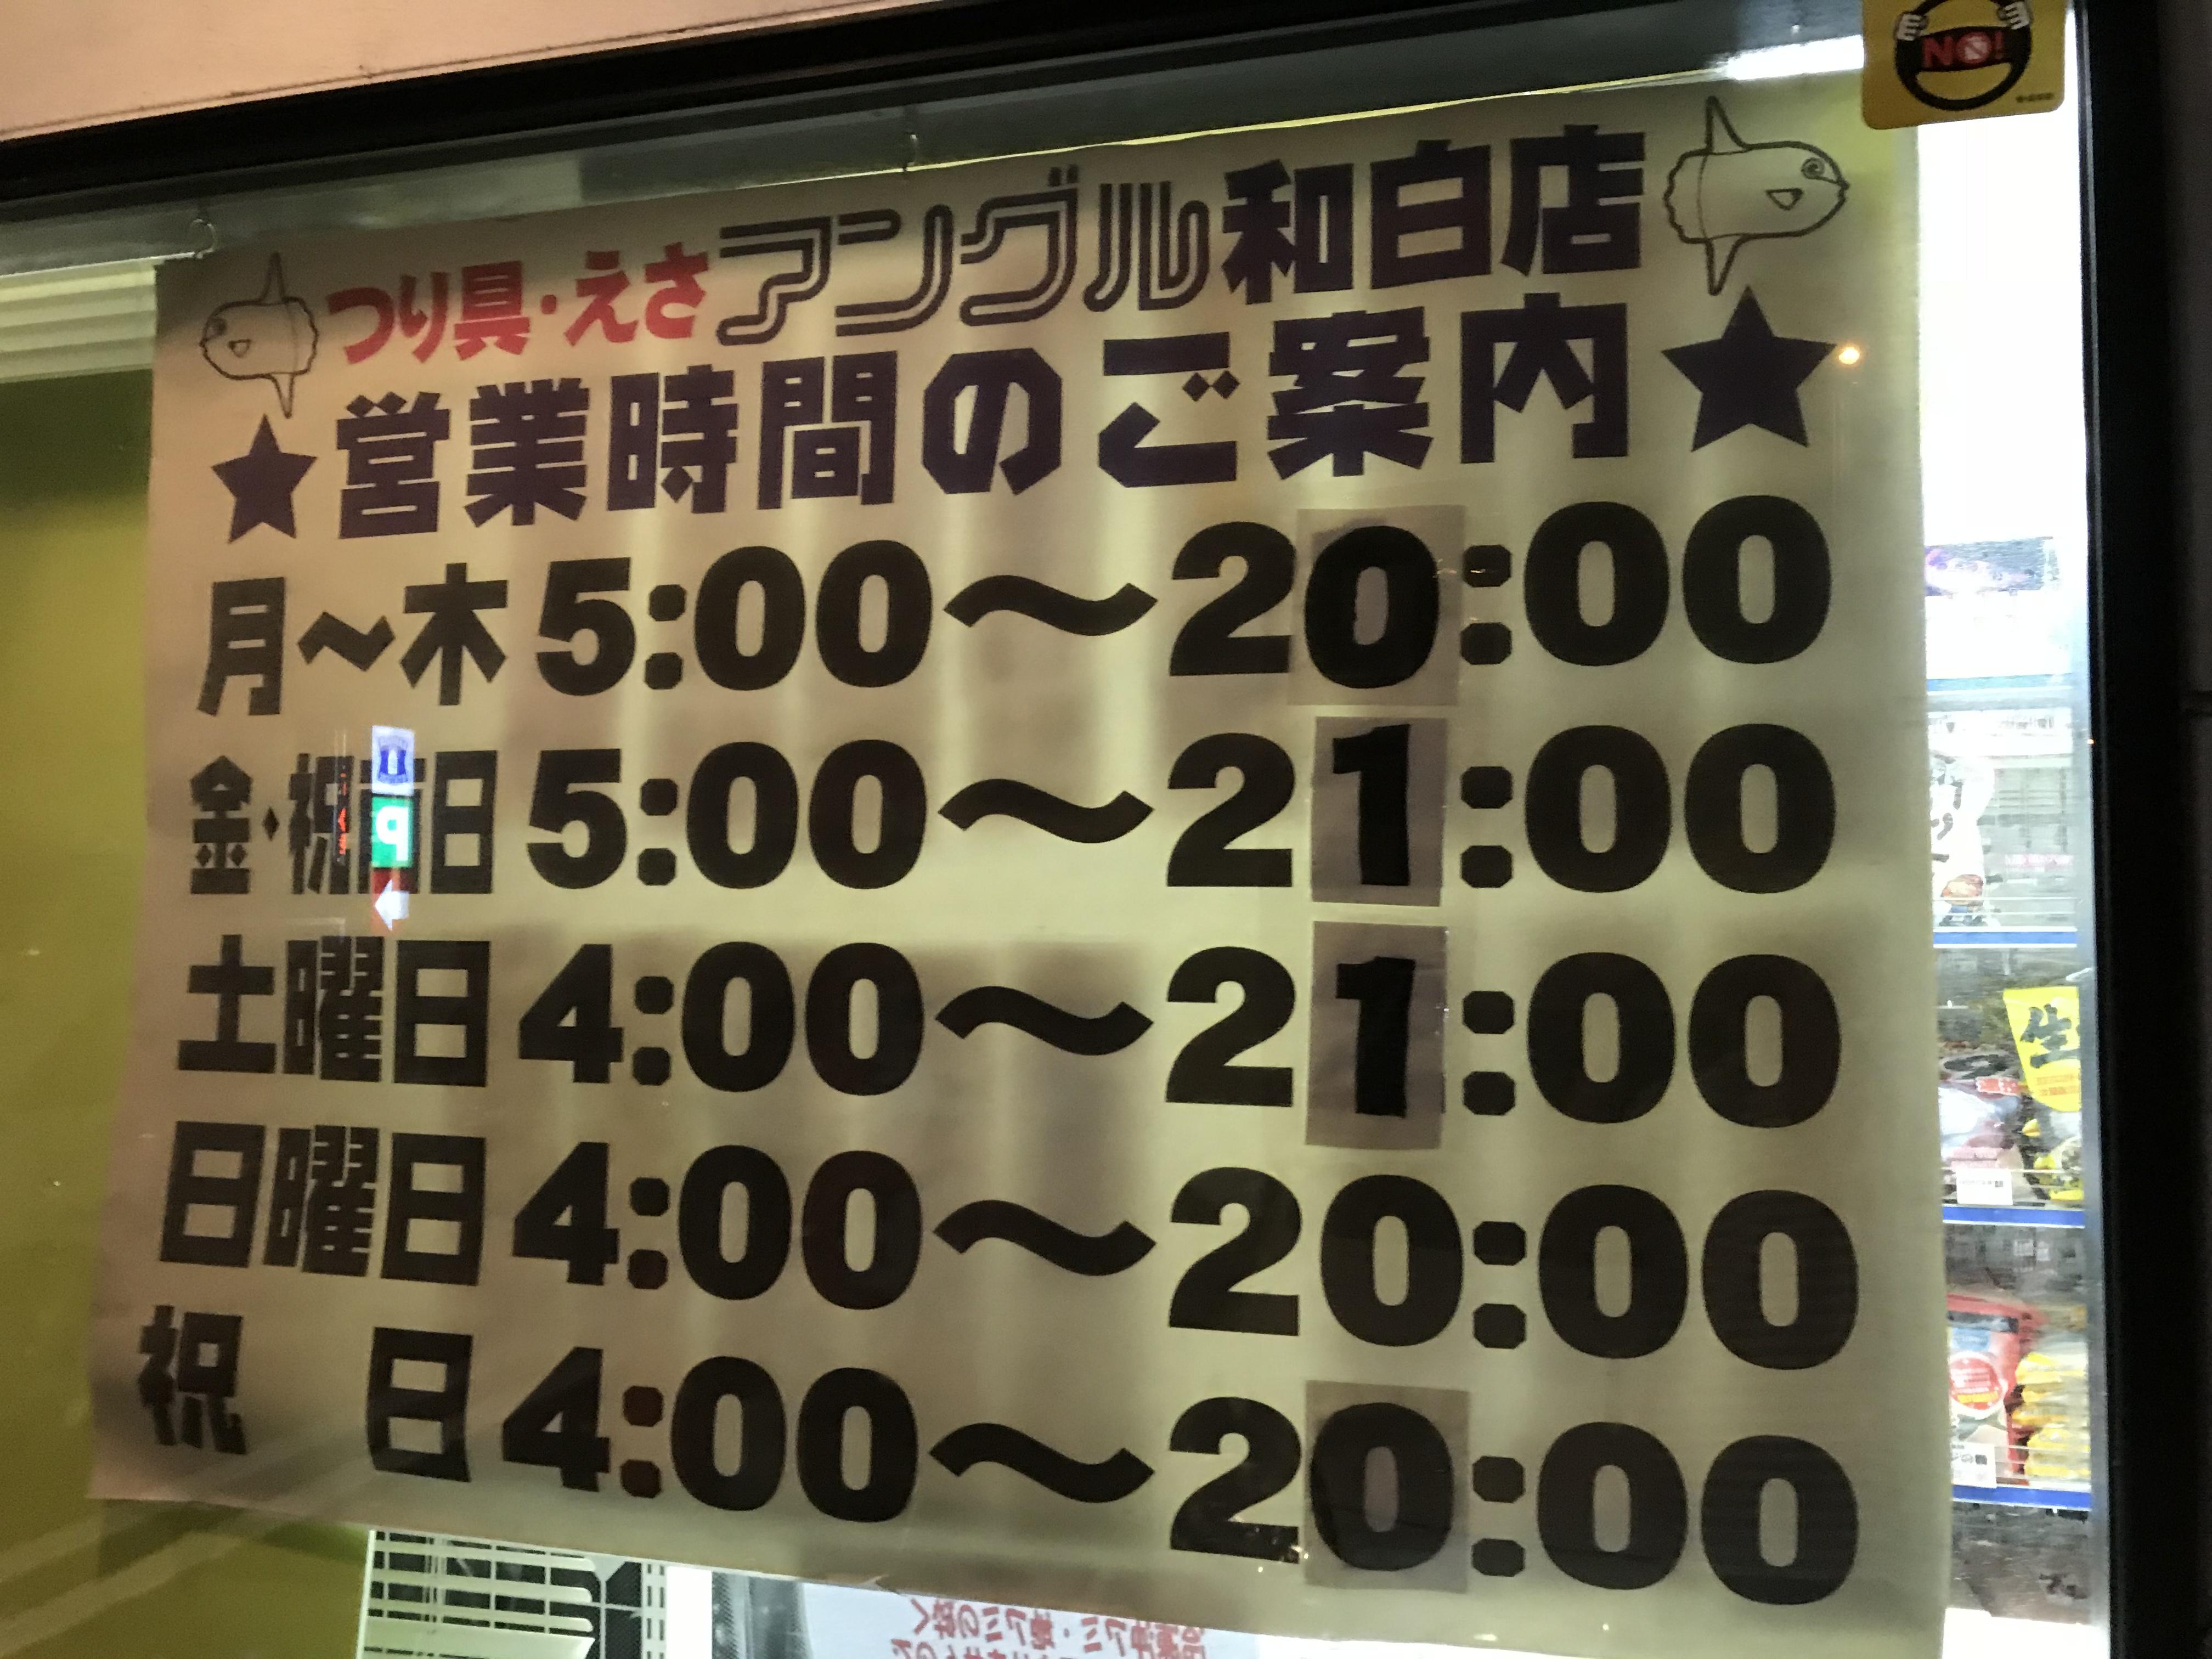 フィッシング福岡 アングル和白店